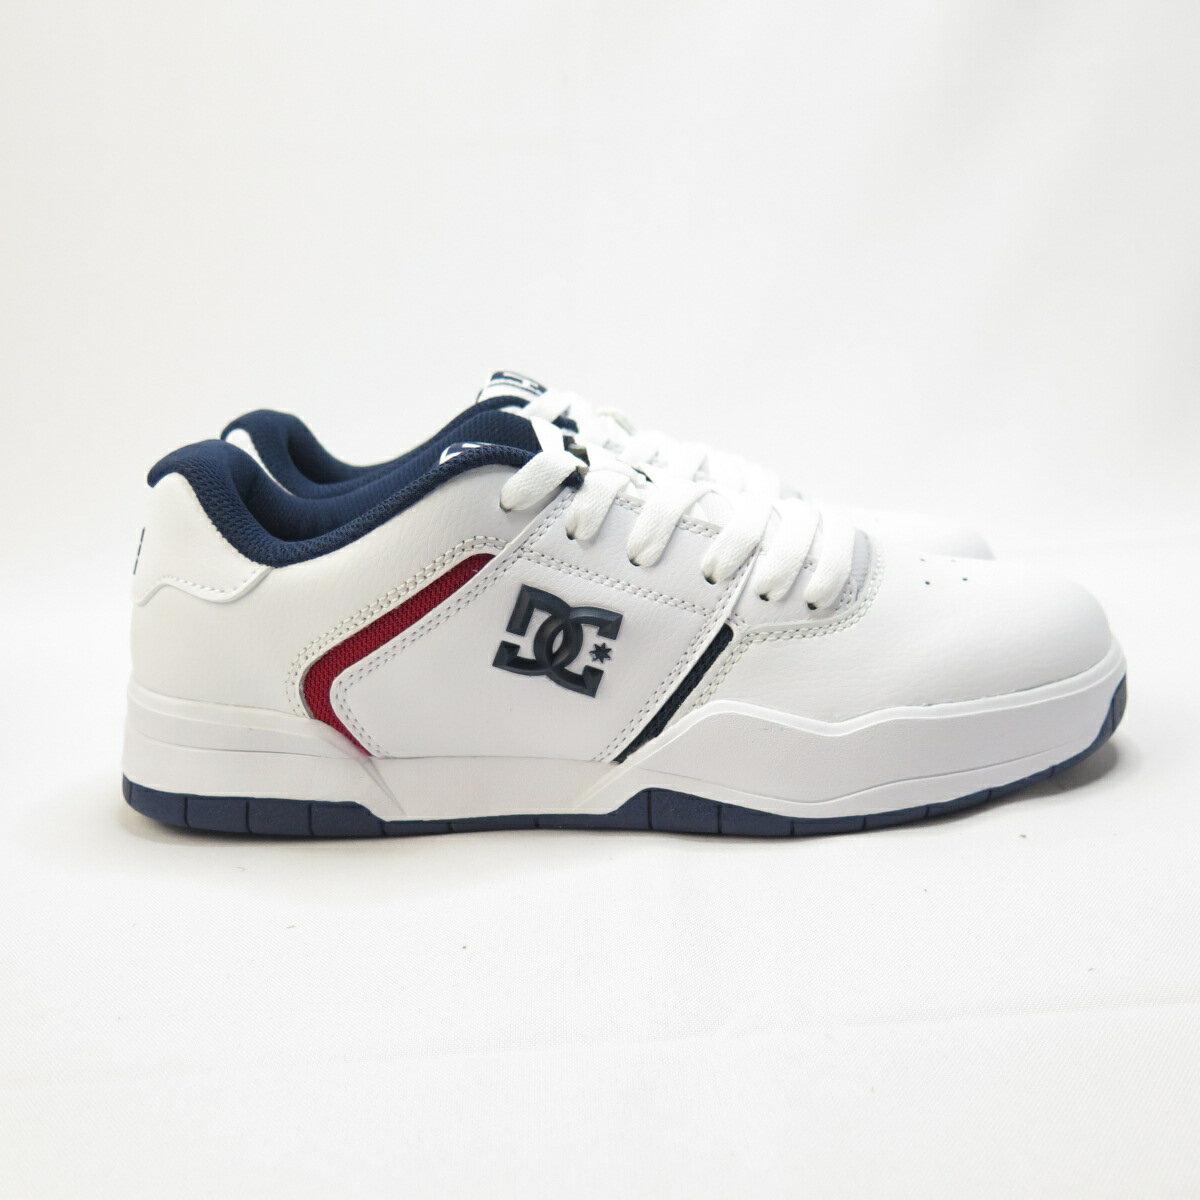 DC CENTRAL 休閒鞋 公司貨 100551XWWB 男款 白藍【iSport愛運動】